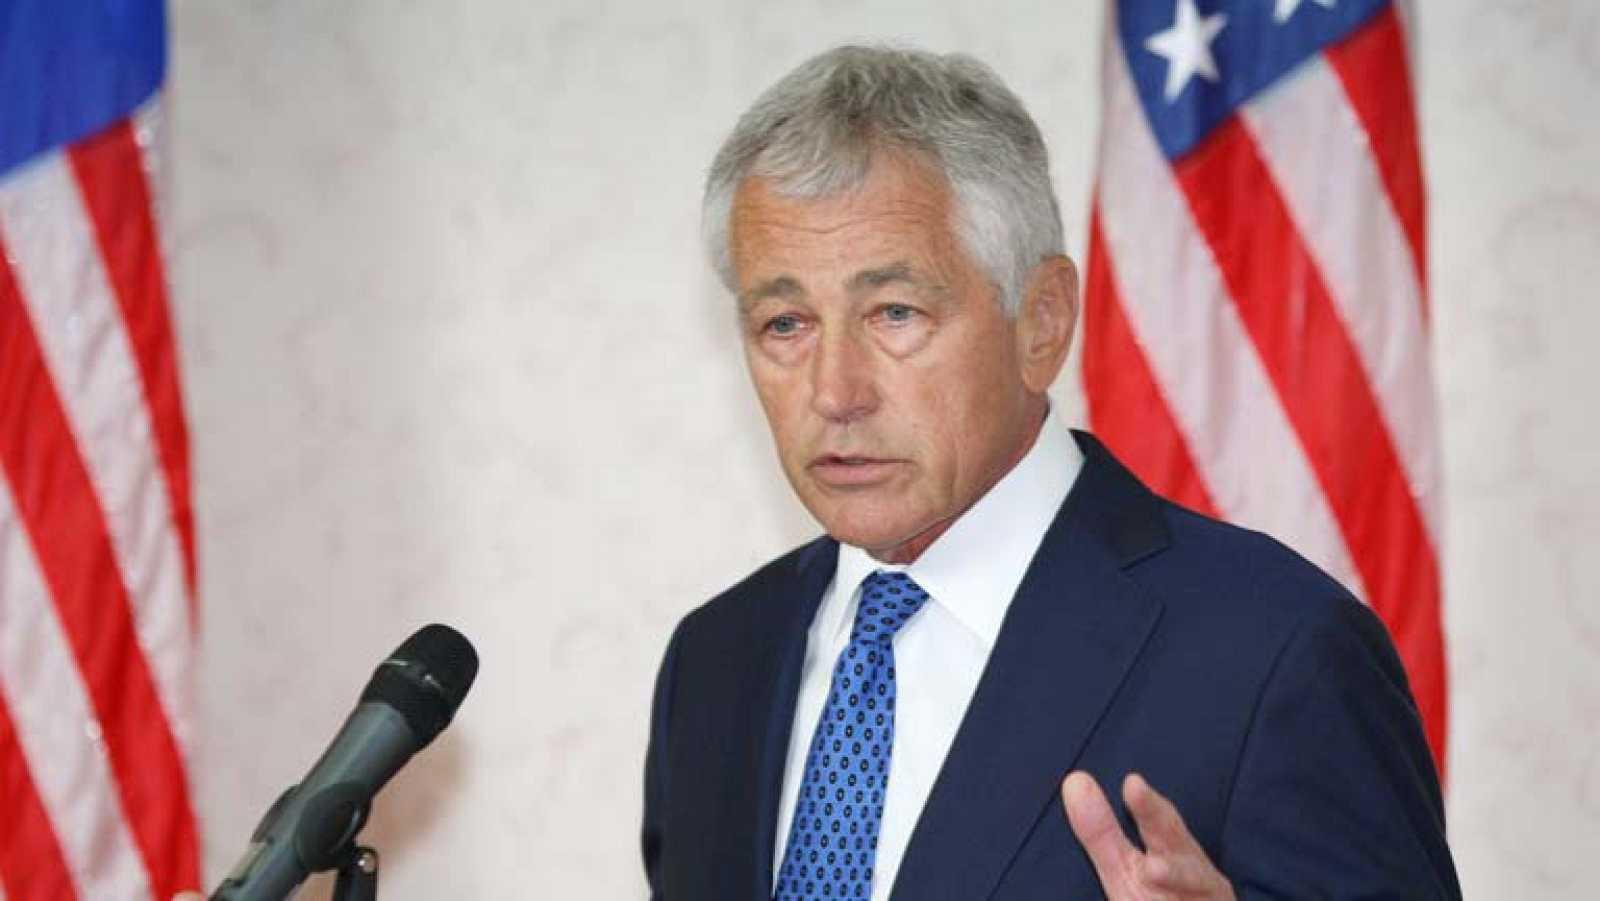 Tensión y preocupación por el conflicto sirio en Estados Unidos y Oriente Medio